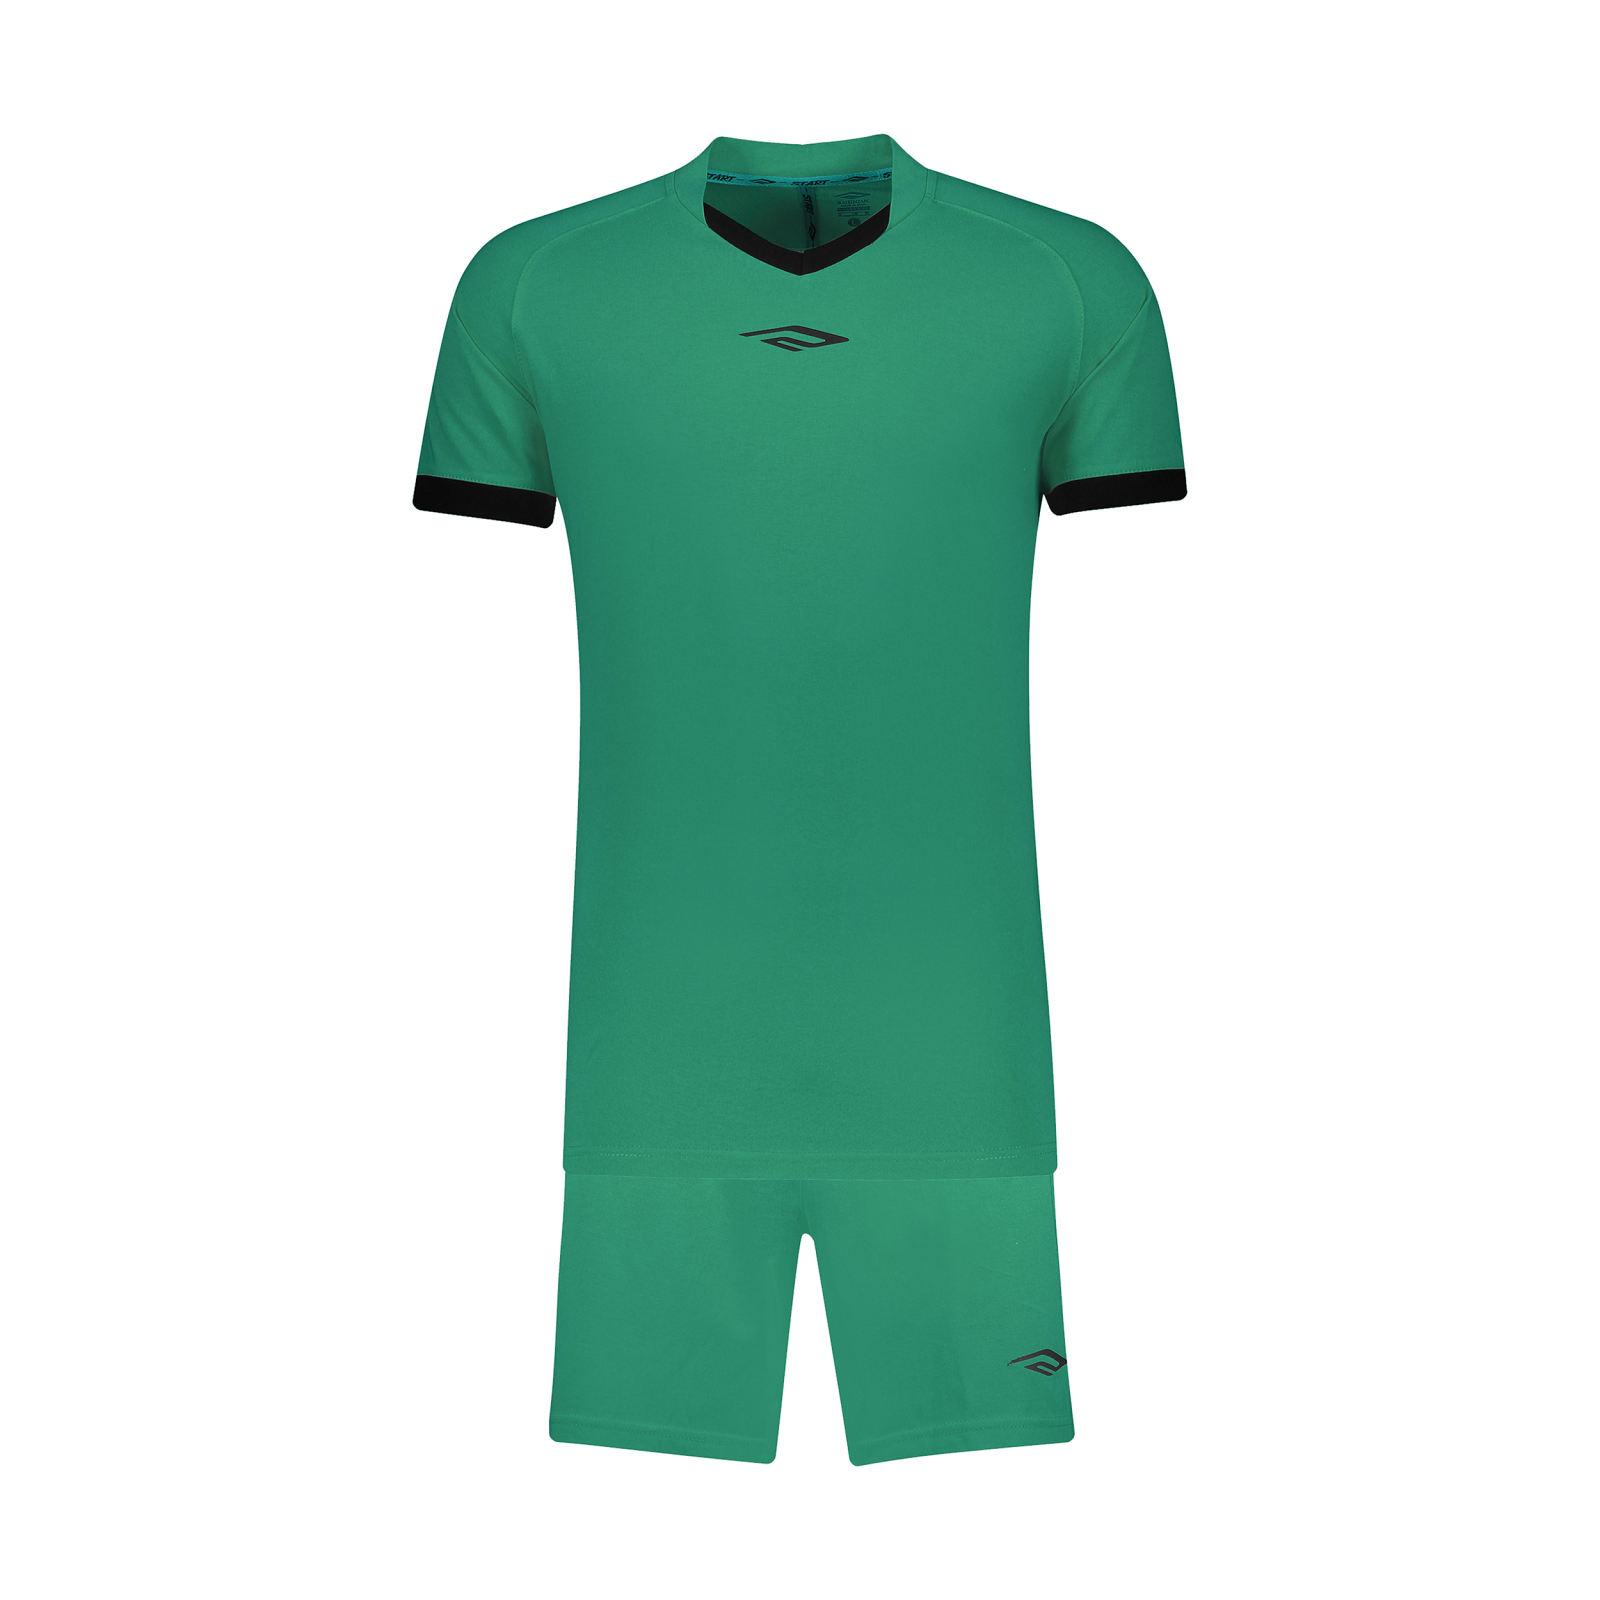 ست تیشرت و شلوارک ورزشی مردانه استارت مدل v1001-2 -  - 2